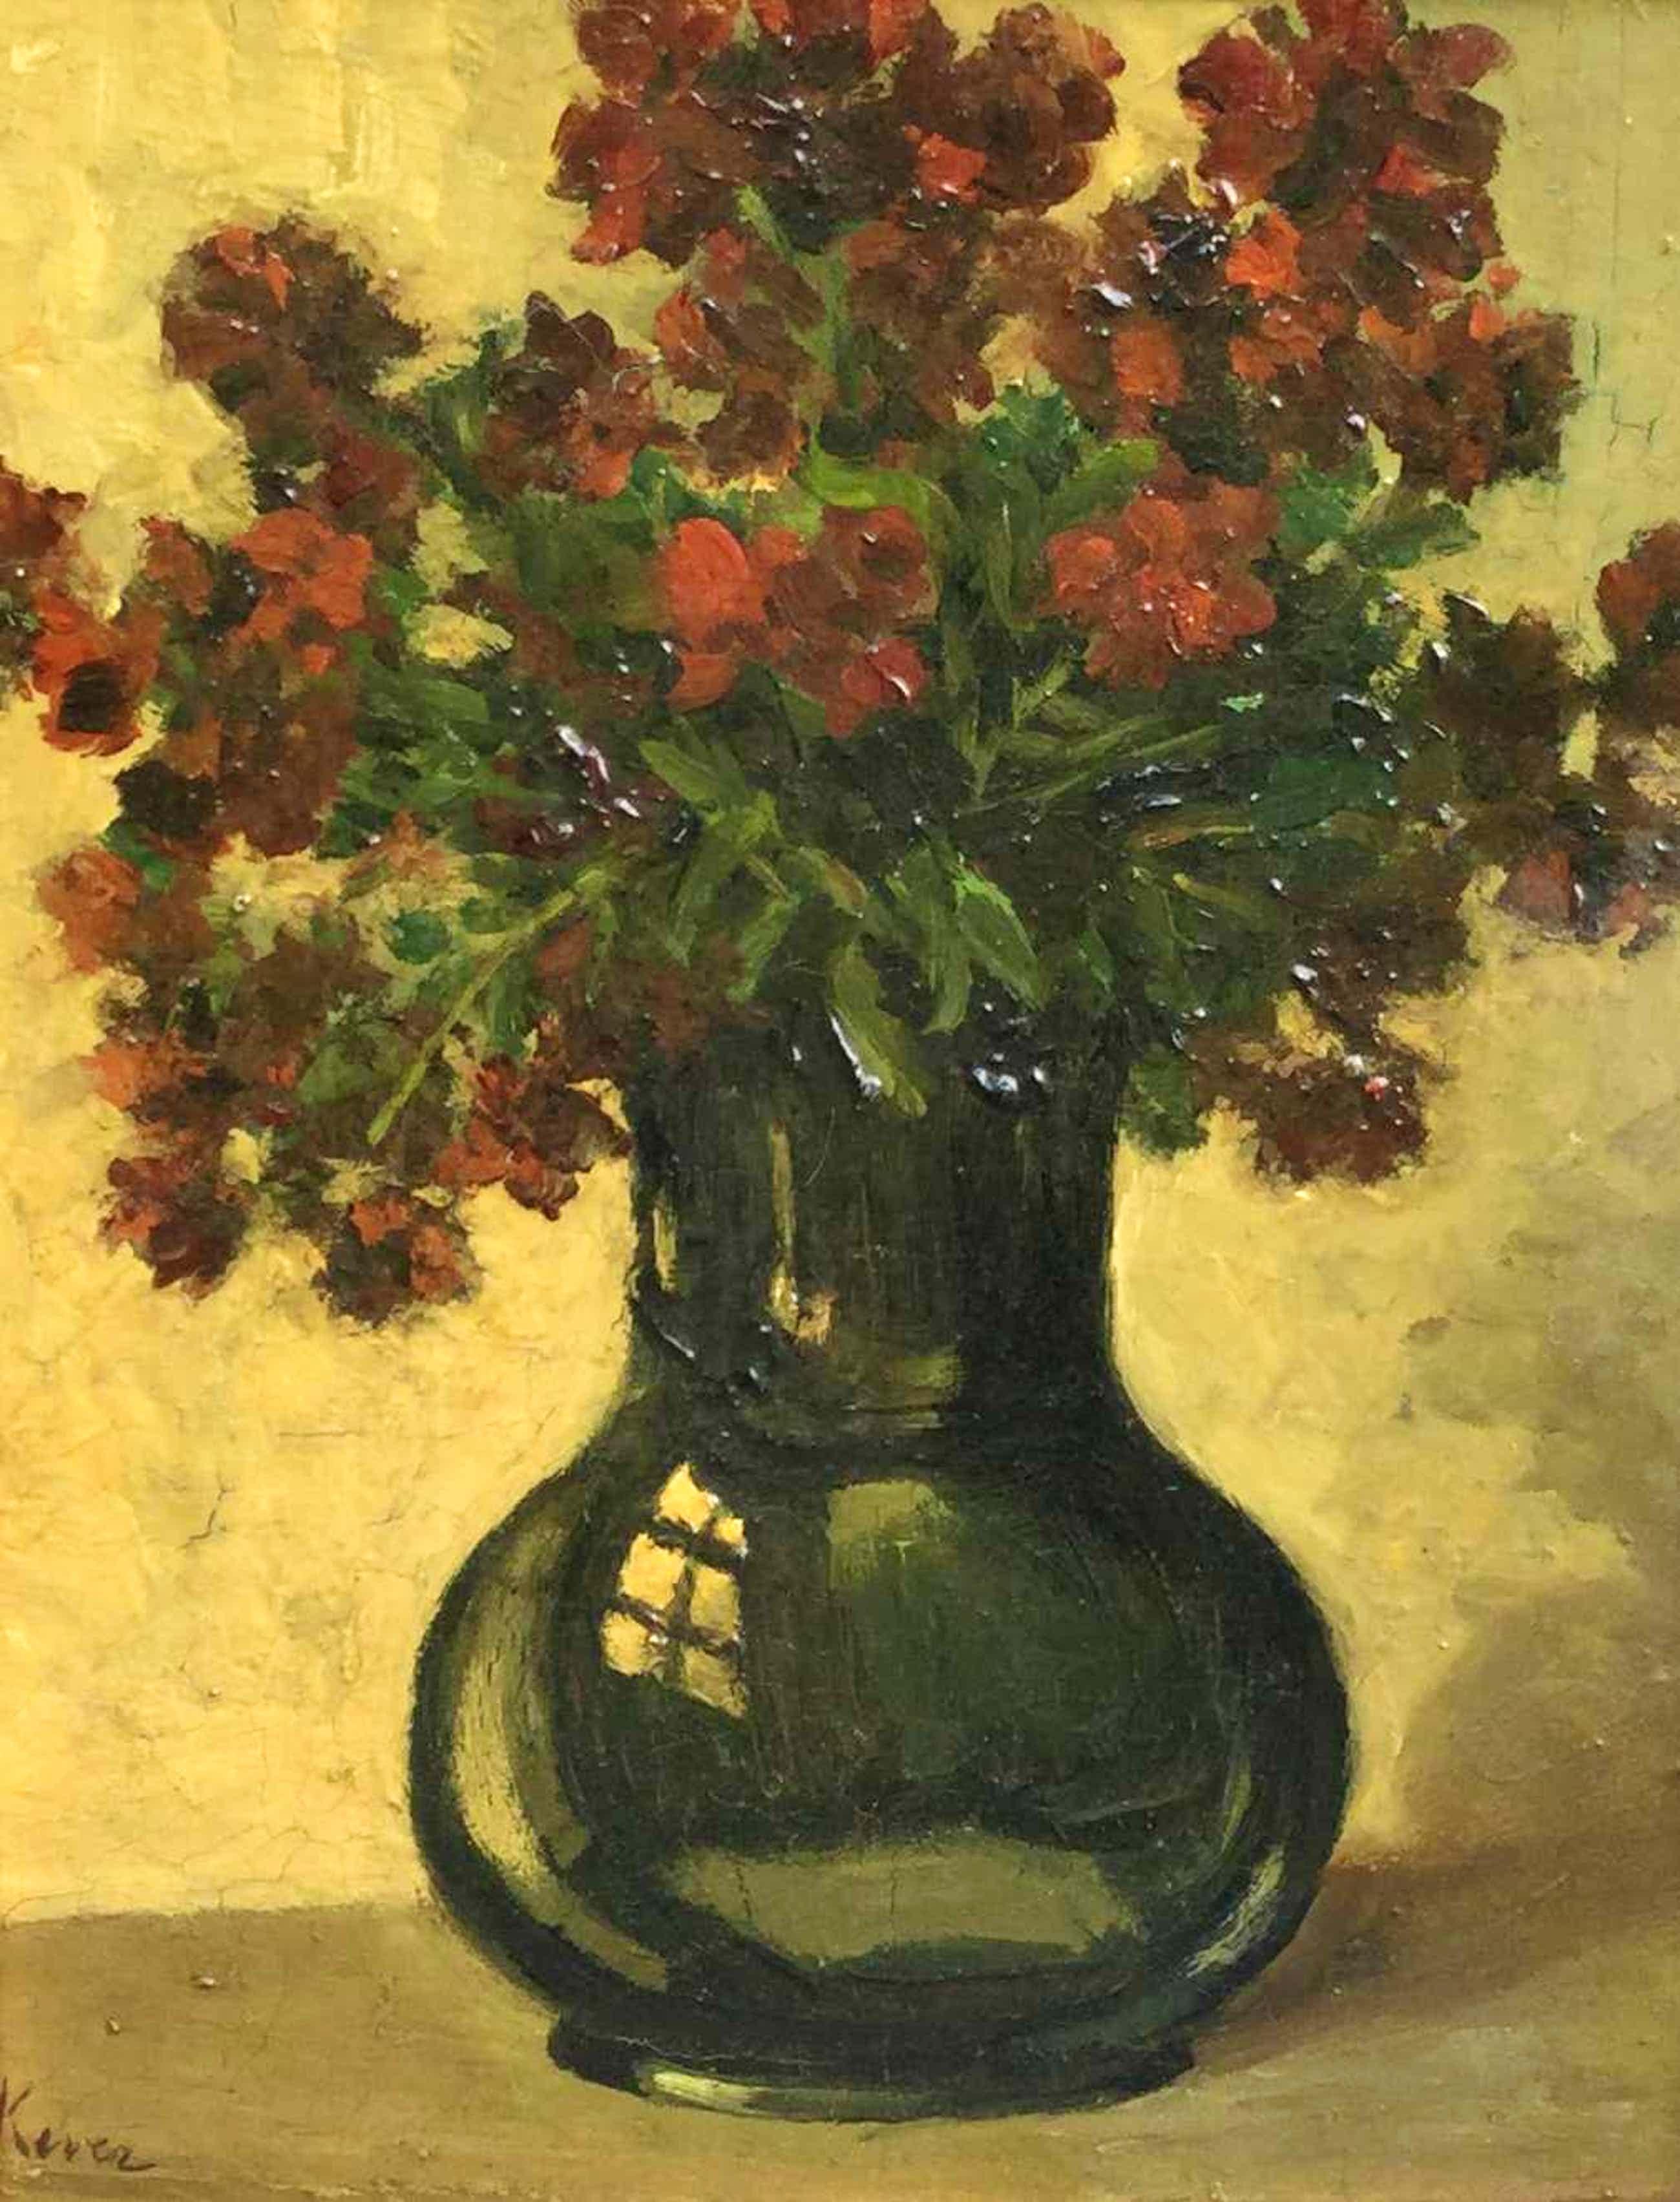 Hein Kever - B9645, Stilleven met rode bloemen in zwarte vaas kopen? Bied vanaf 200!